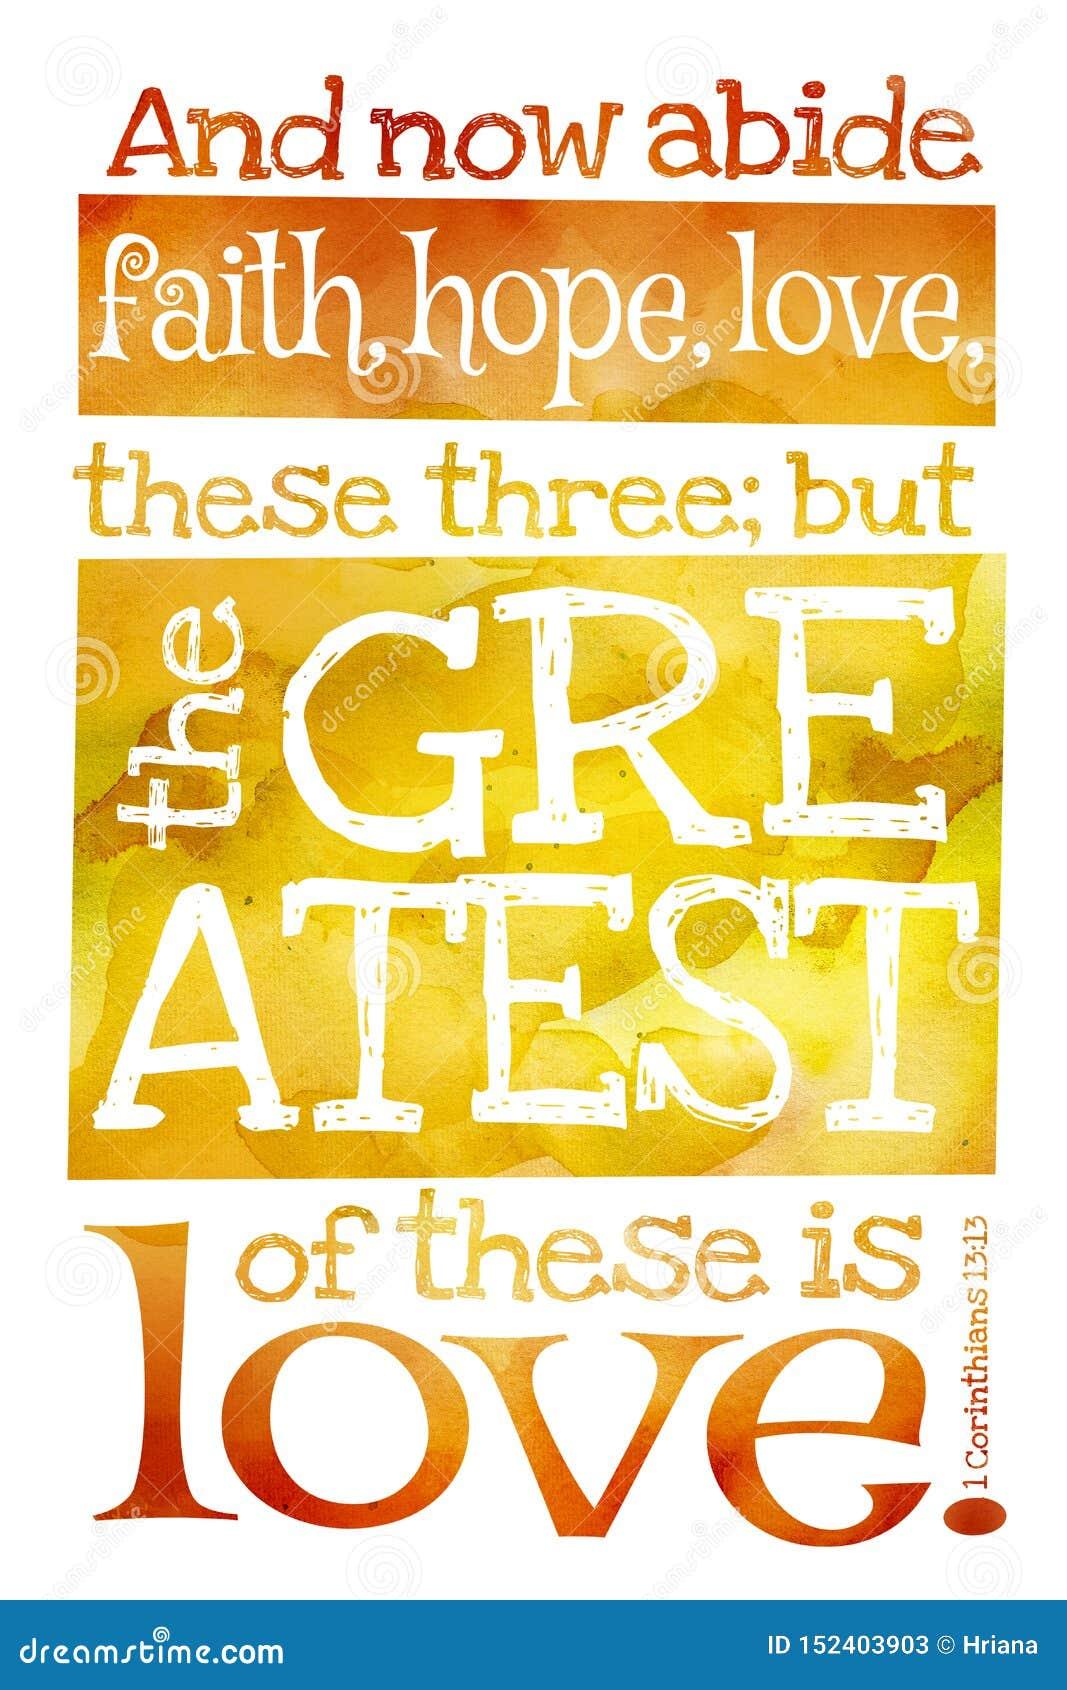 并且现在遵守信念,希望,爱,这三;但是最伟大这些是爱 1科林斯13:13 -与圣经文本的海报